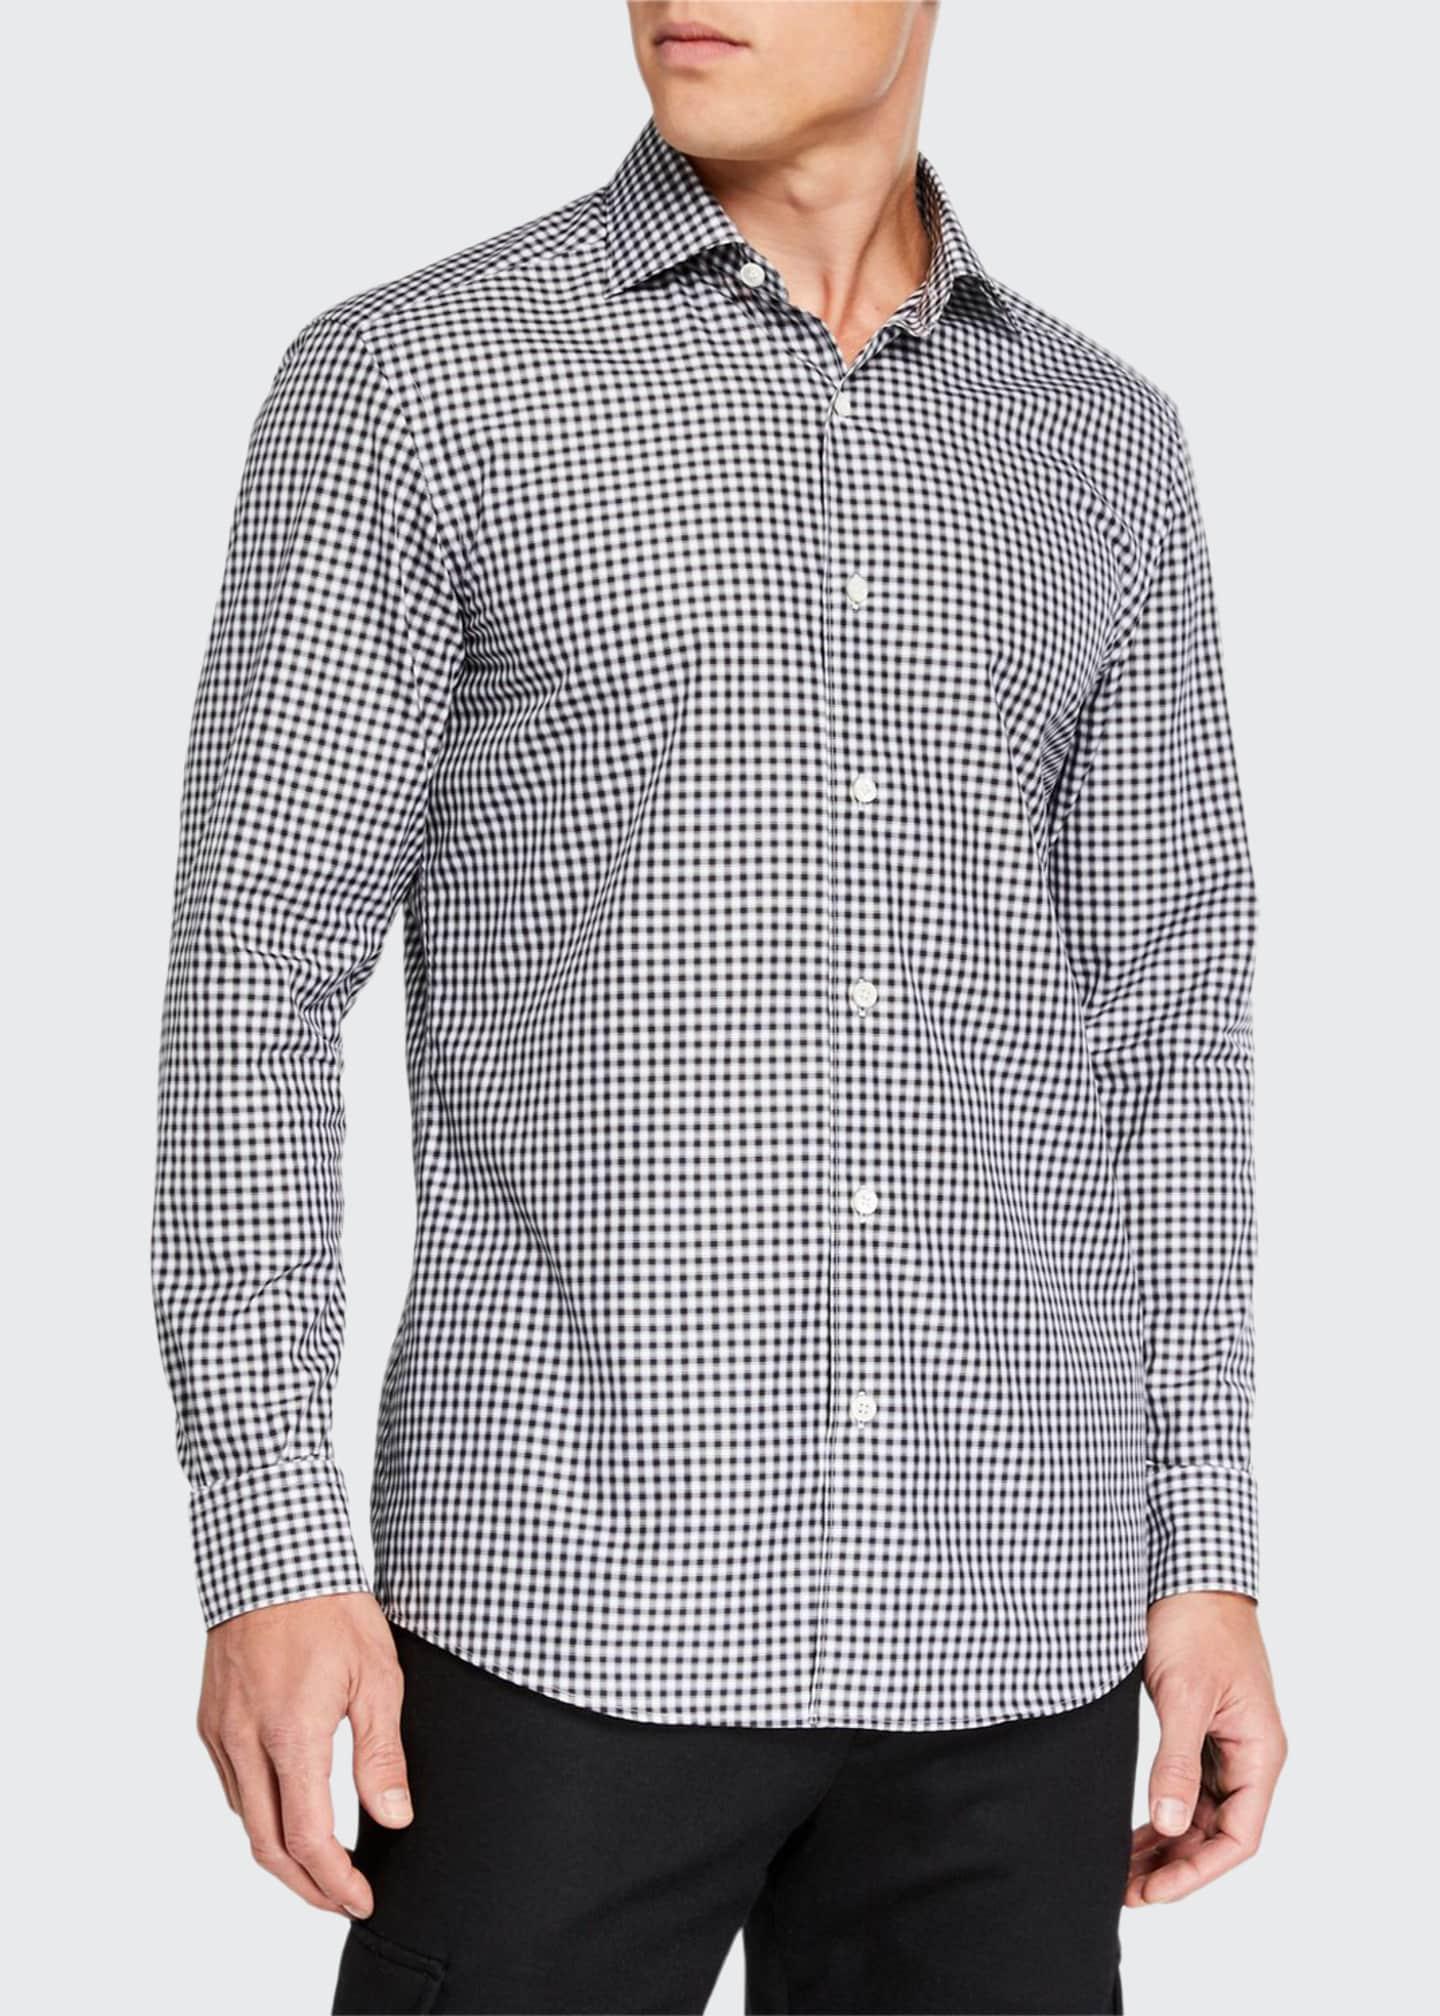 Ermenegildo Zegna Men's Gingham Traveler Sport Shirt